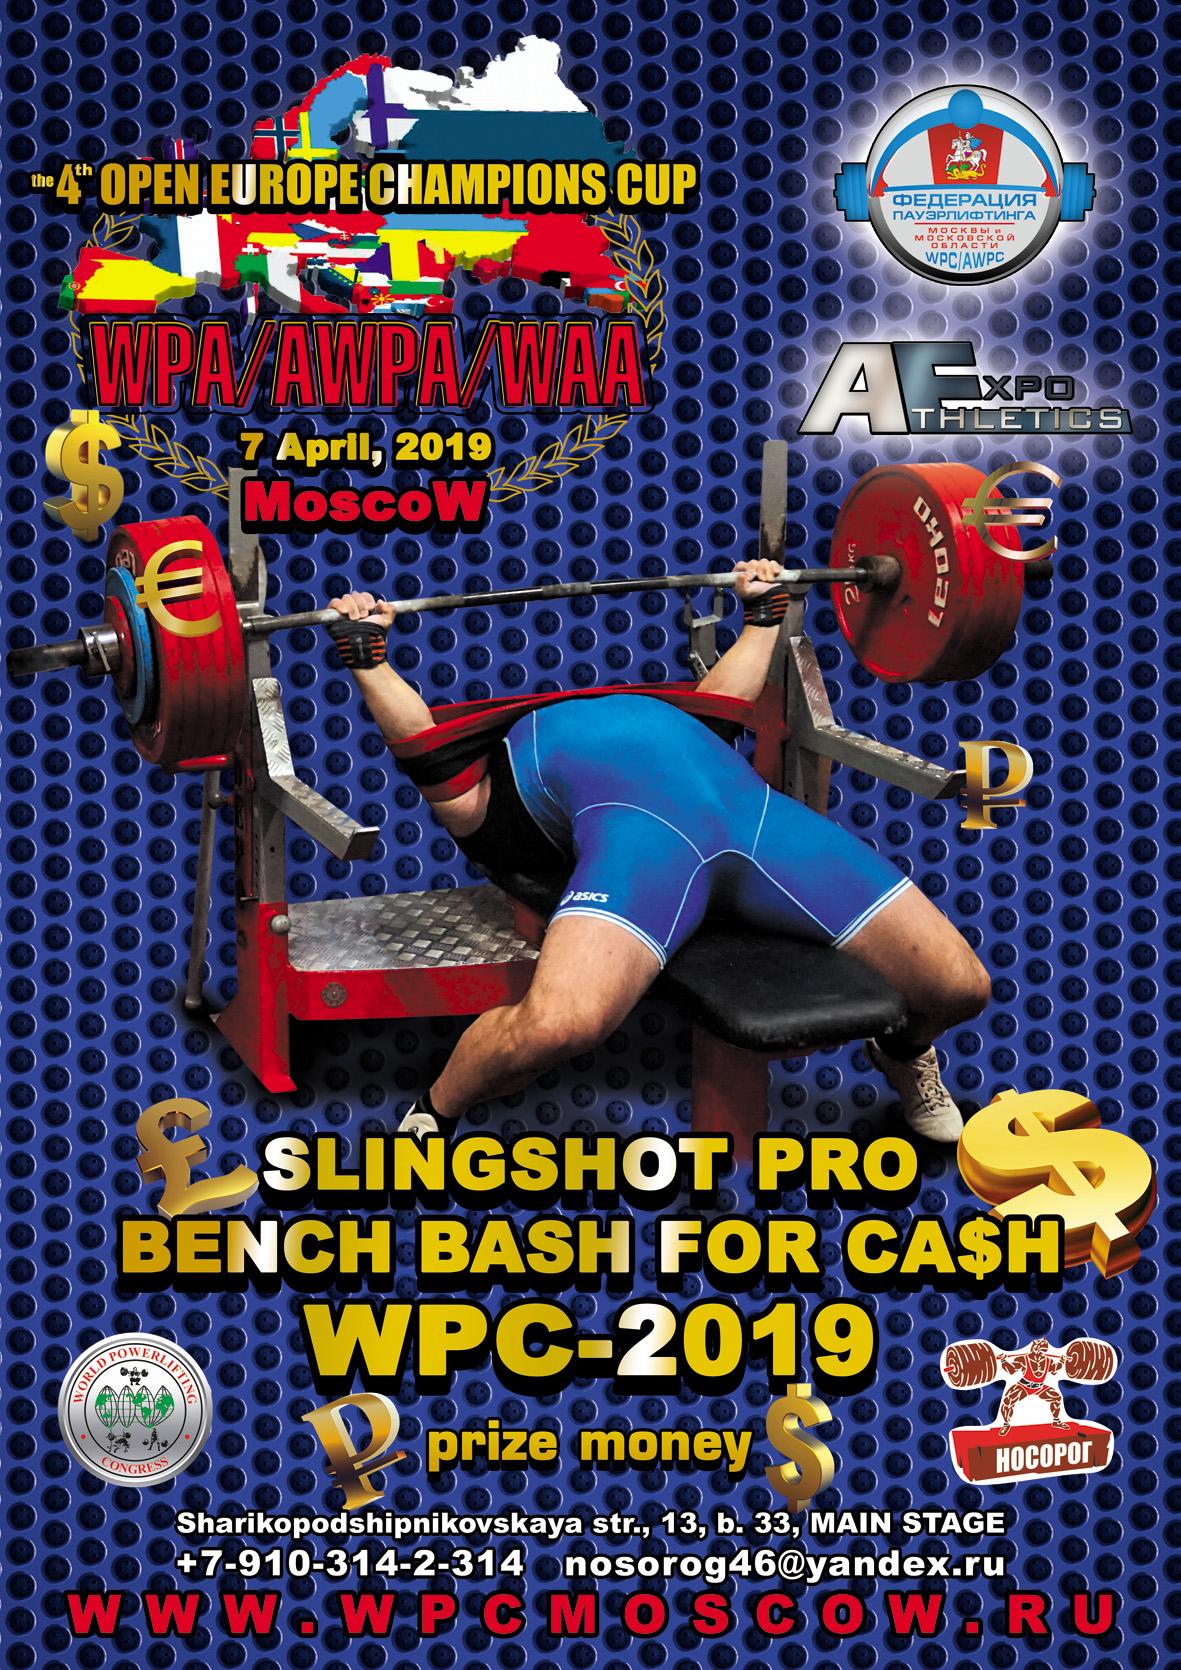 SLING SHOT PRO BENCH BASH FOR CASH WPC